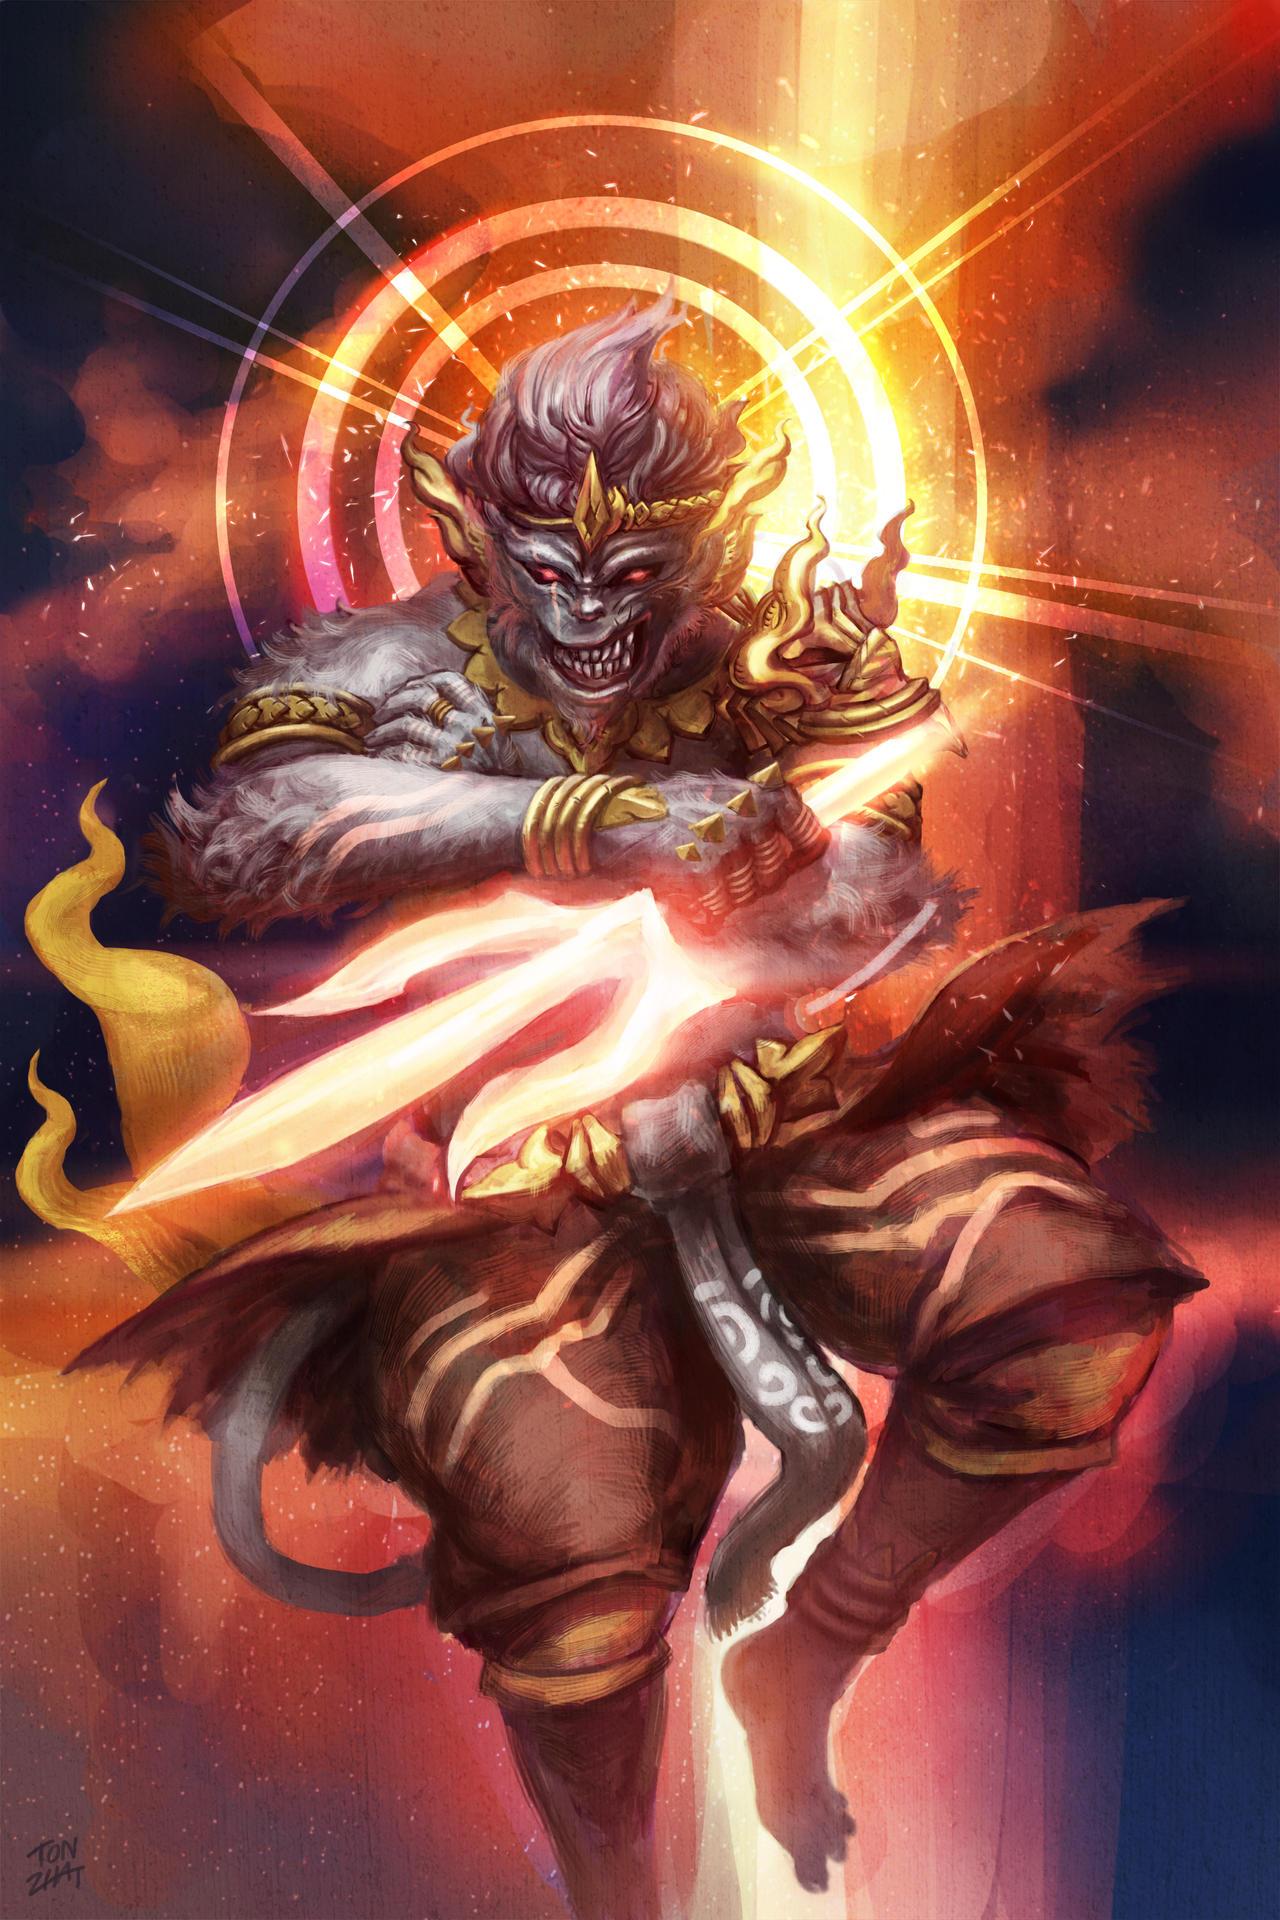 Hd wallpaper valmiki - Hanuman On The Veda Deviantart